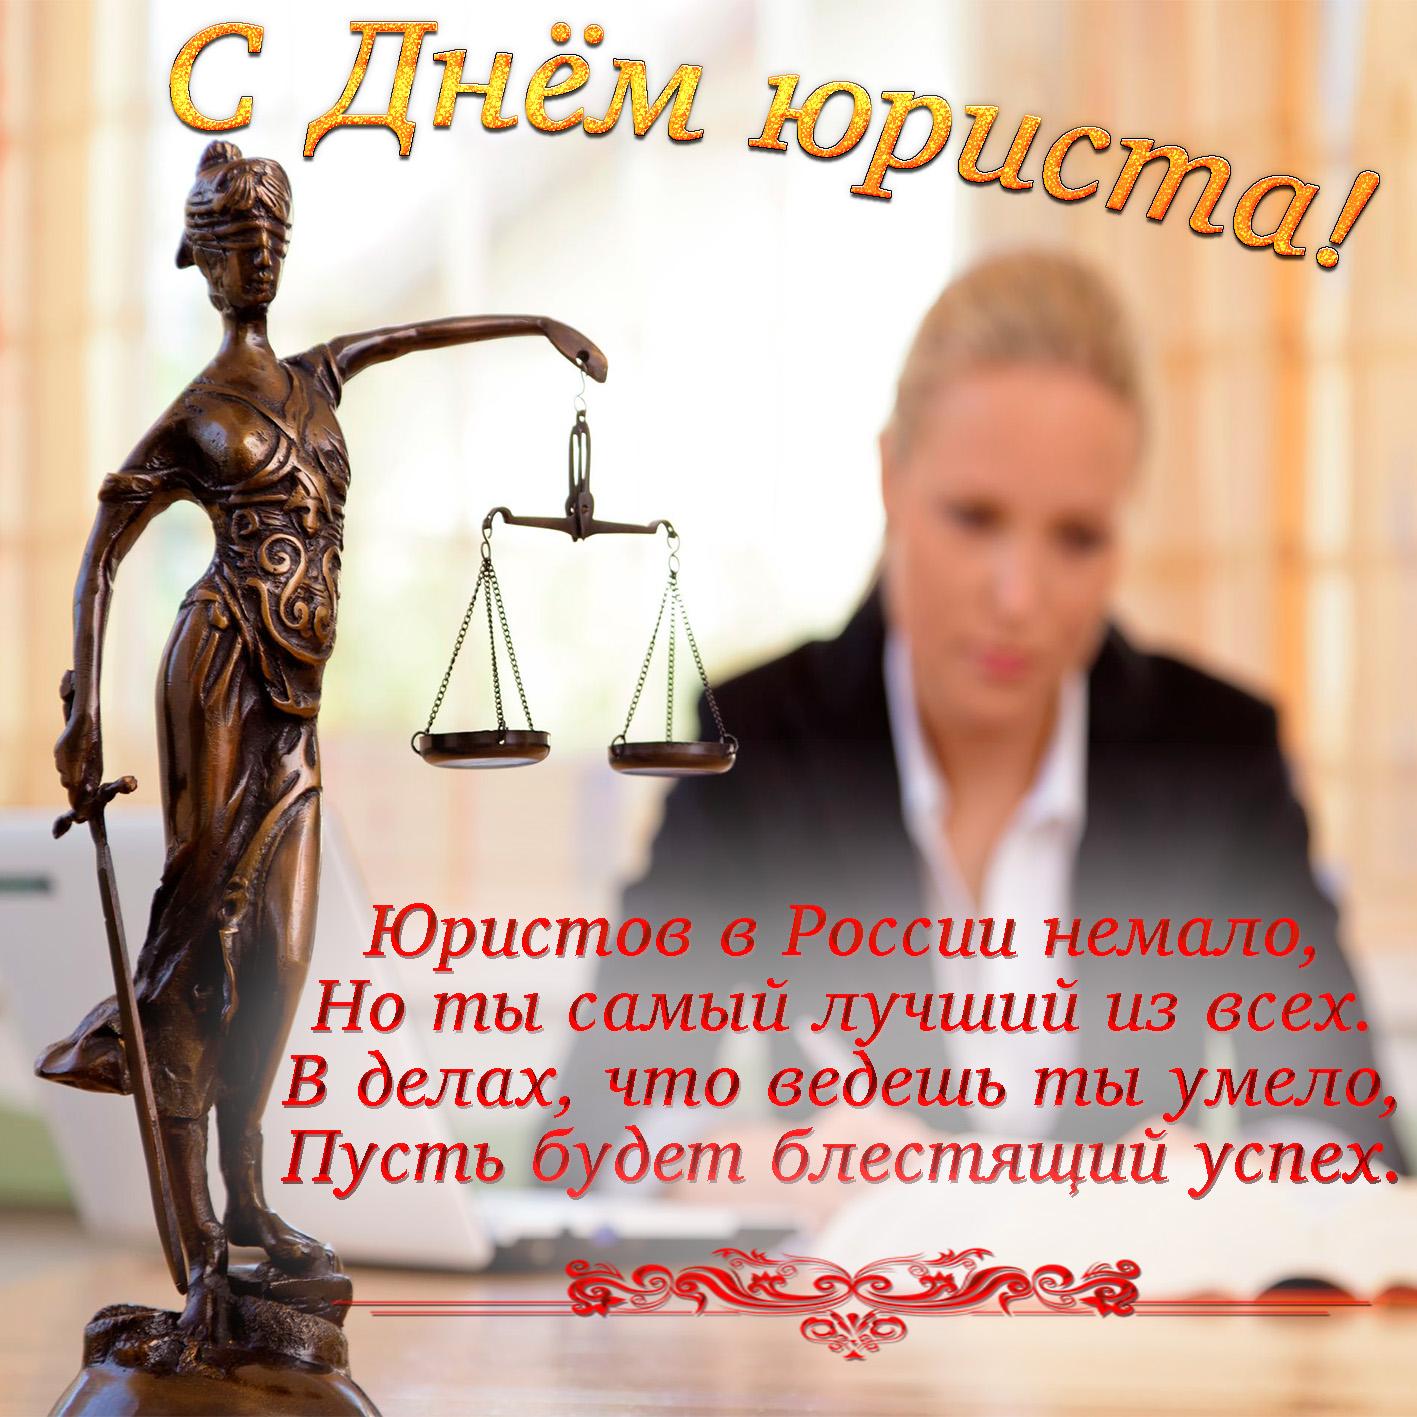 Открытка - красивое пожелание на День юриста